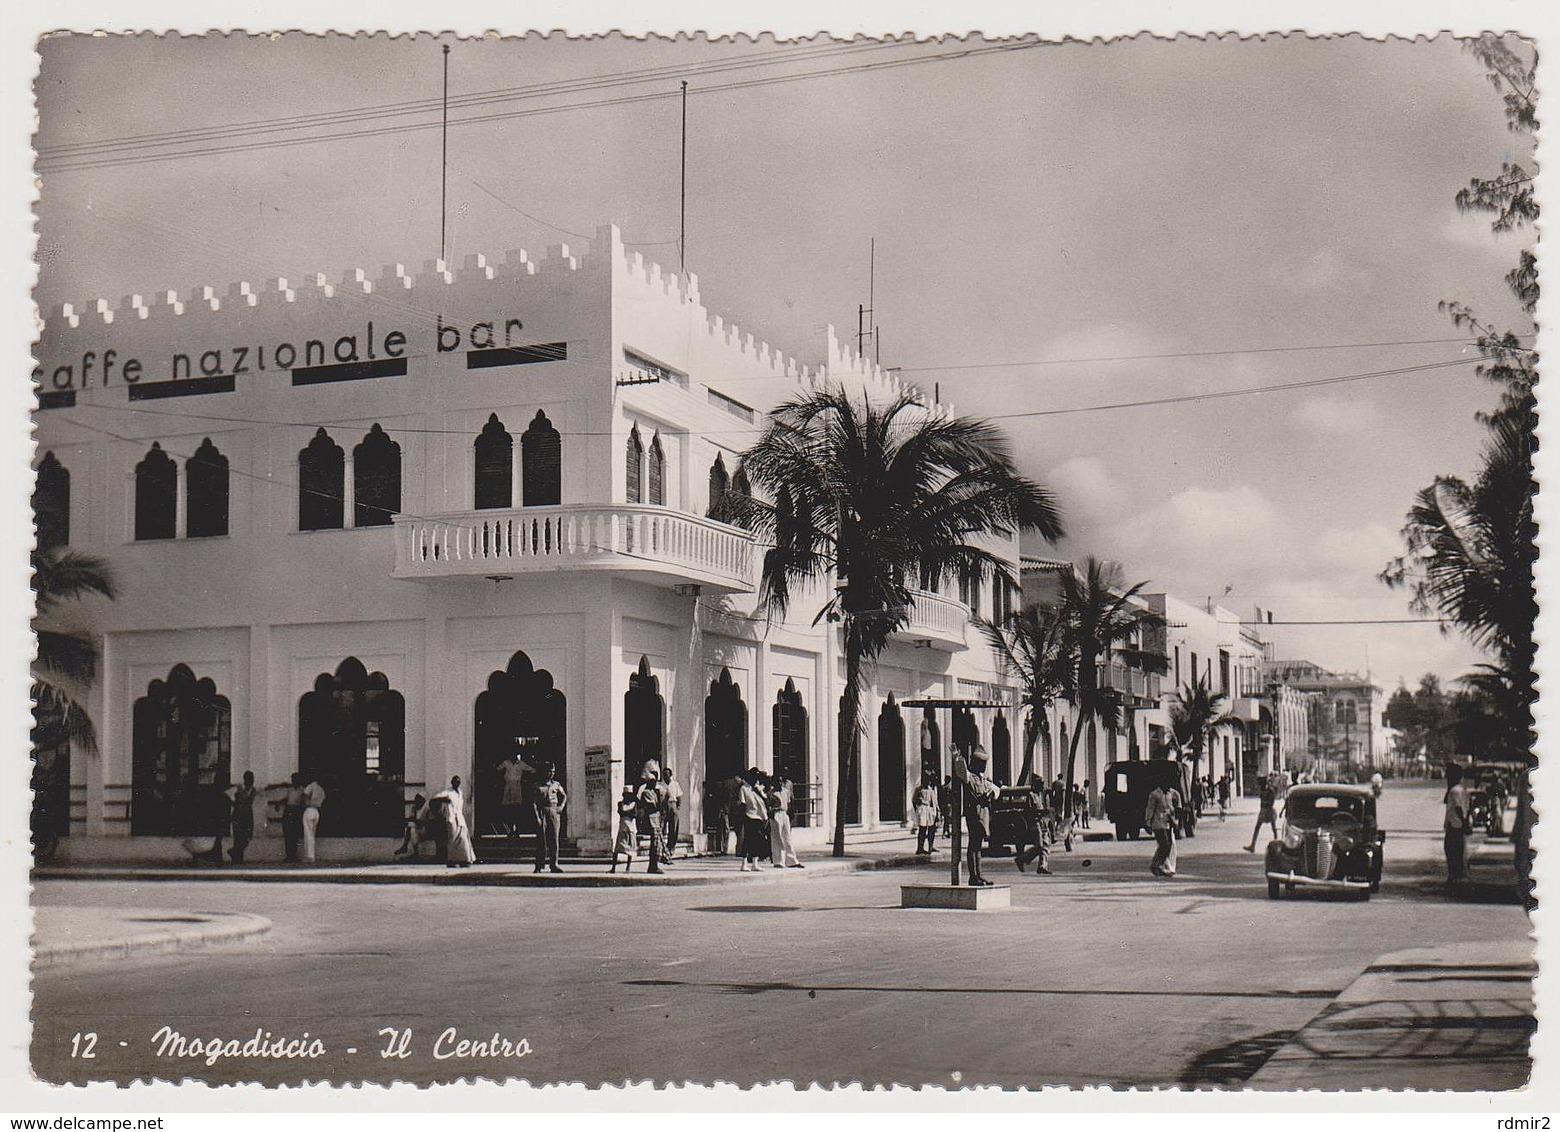 1801/ MOGADISCIO, Somalia Italiana. Il Centro (Caffè Nazionale). Viaggiata In Italia (1951). Circulée En Italie (1951). - Somalia